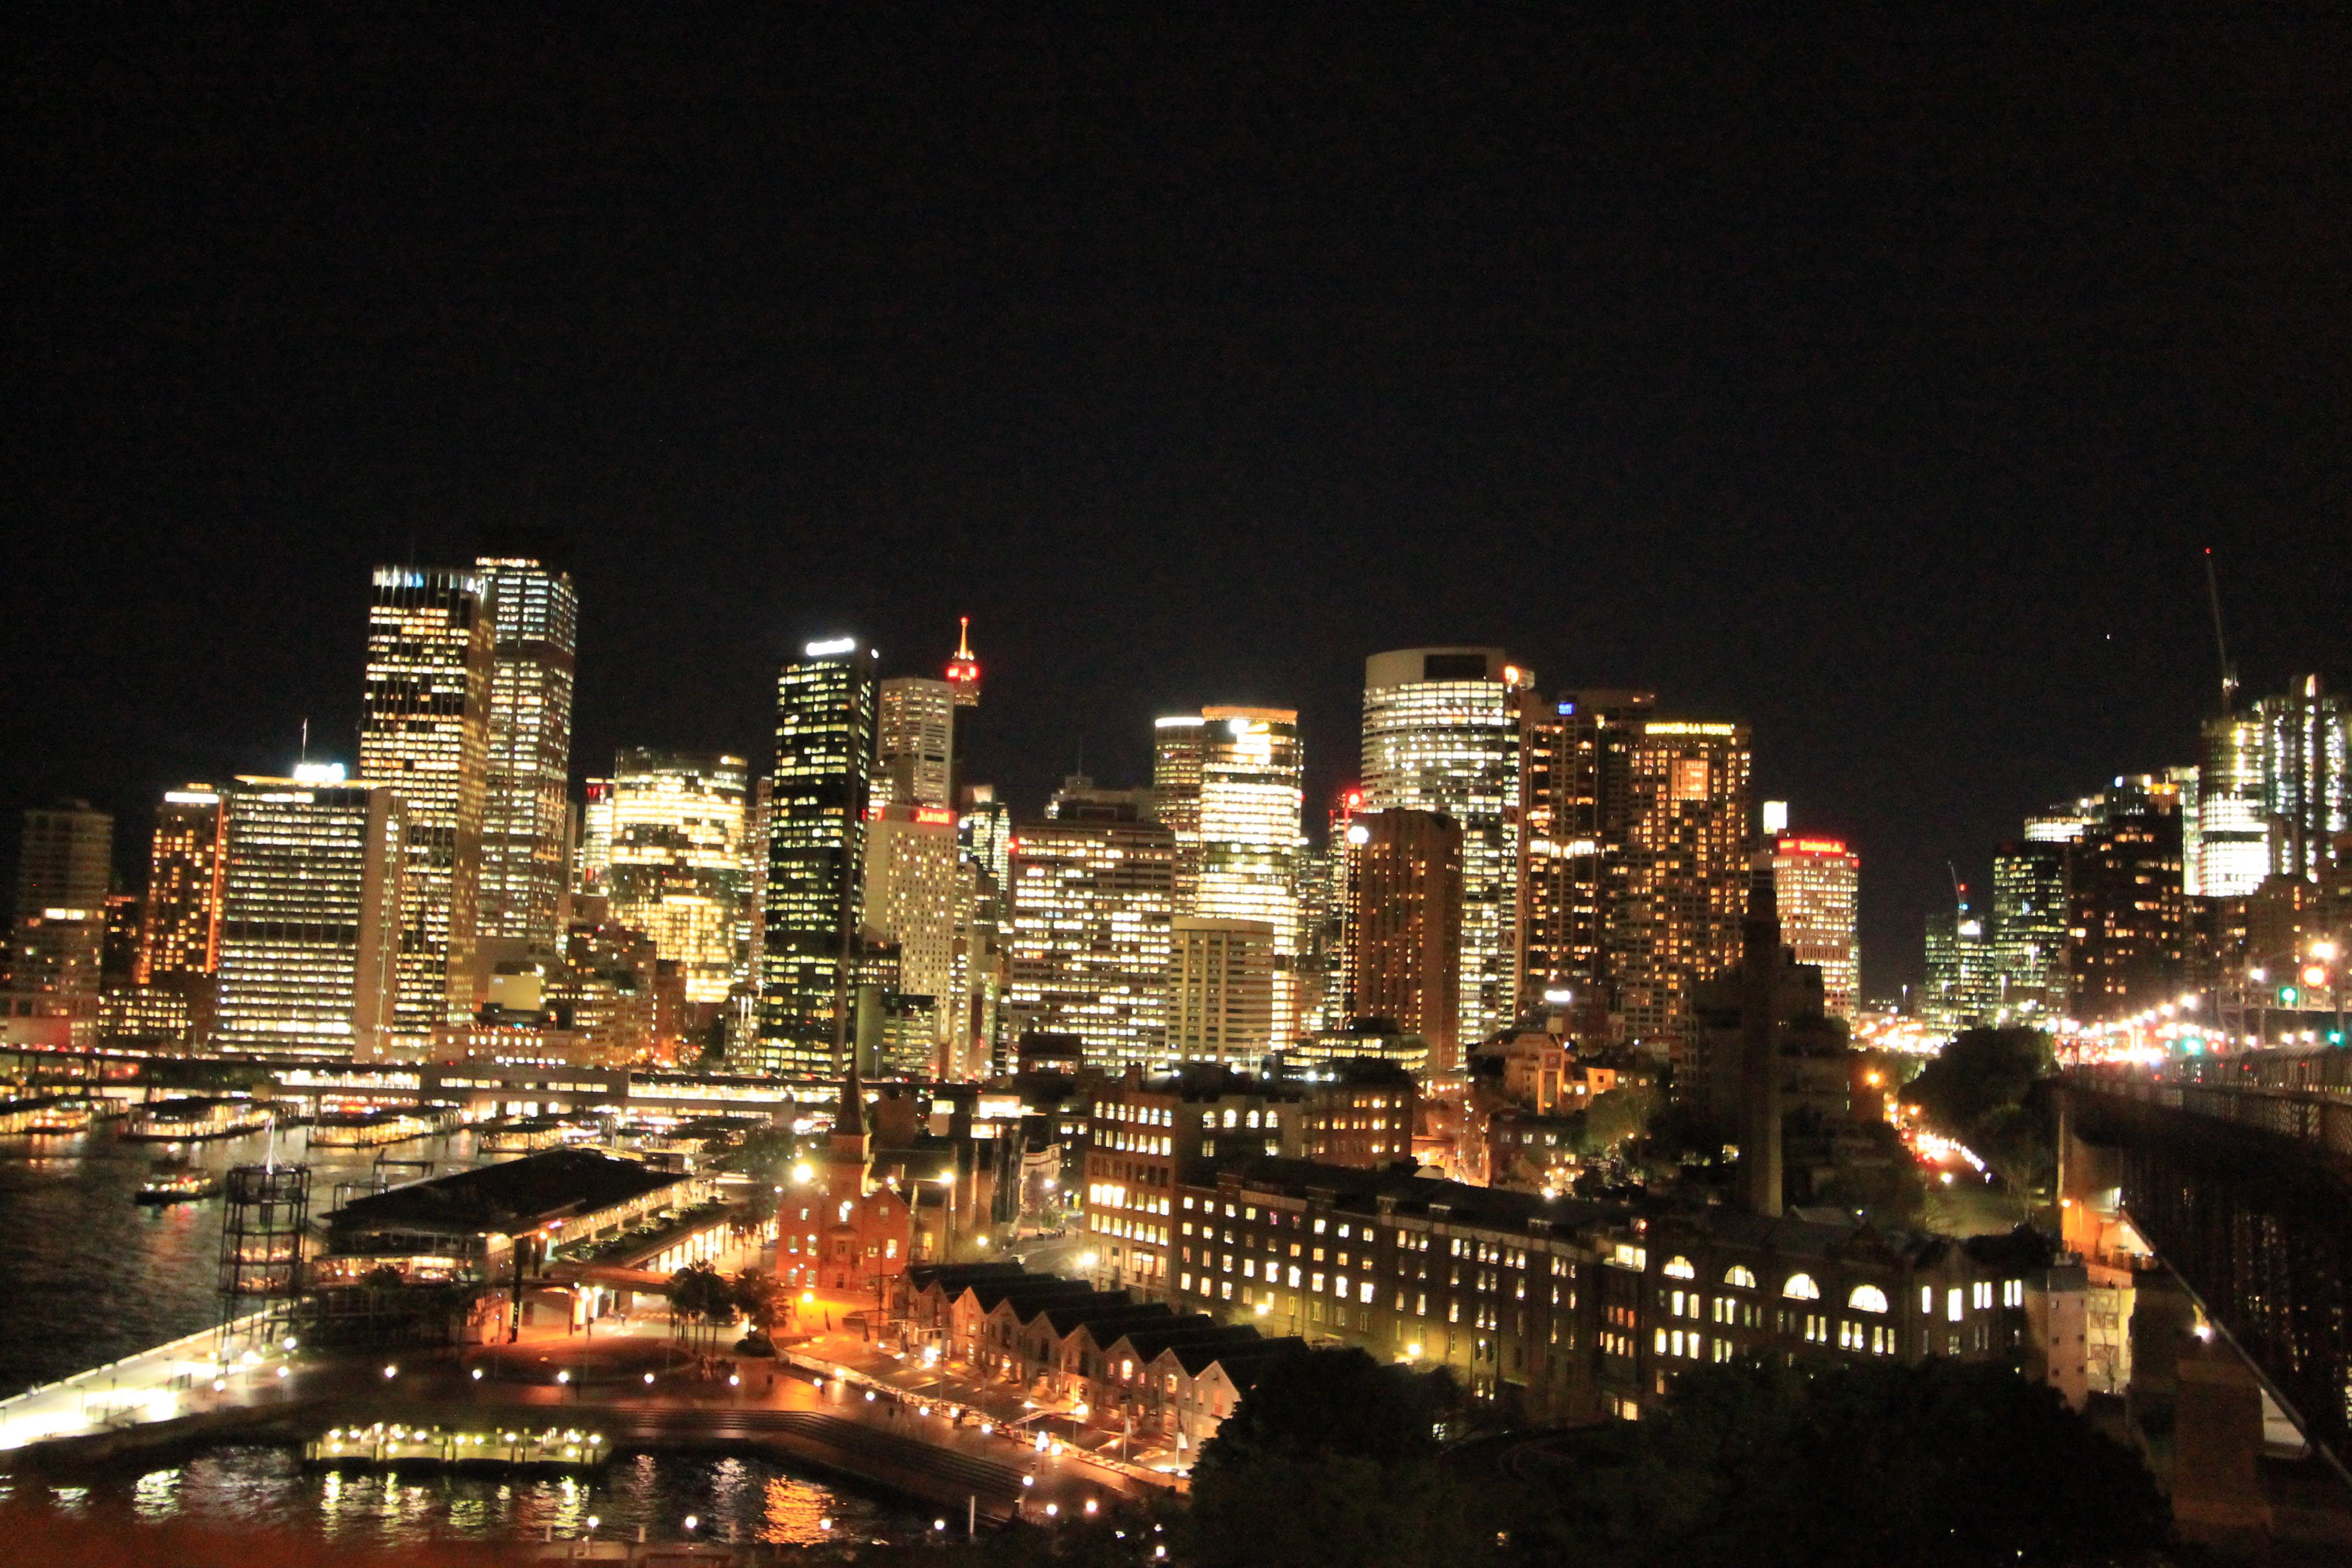 Veduta di Sidney di notte da un punto panoramico